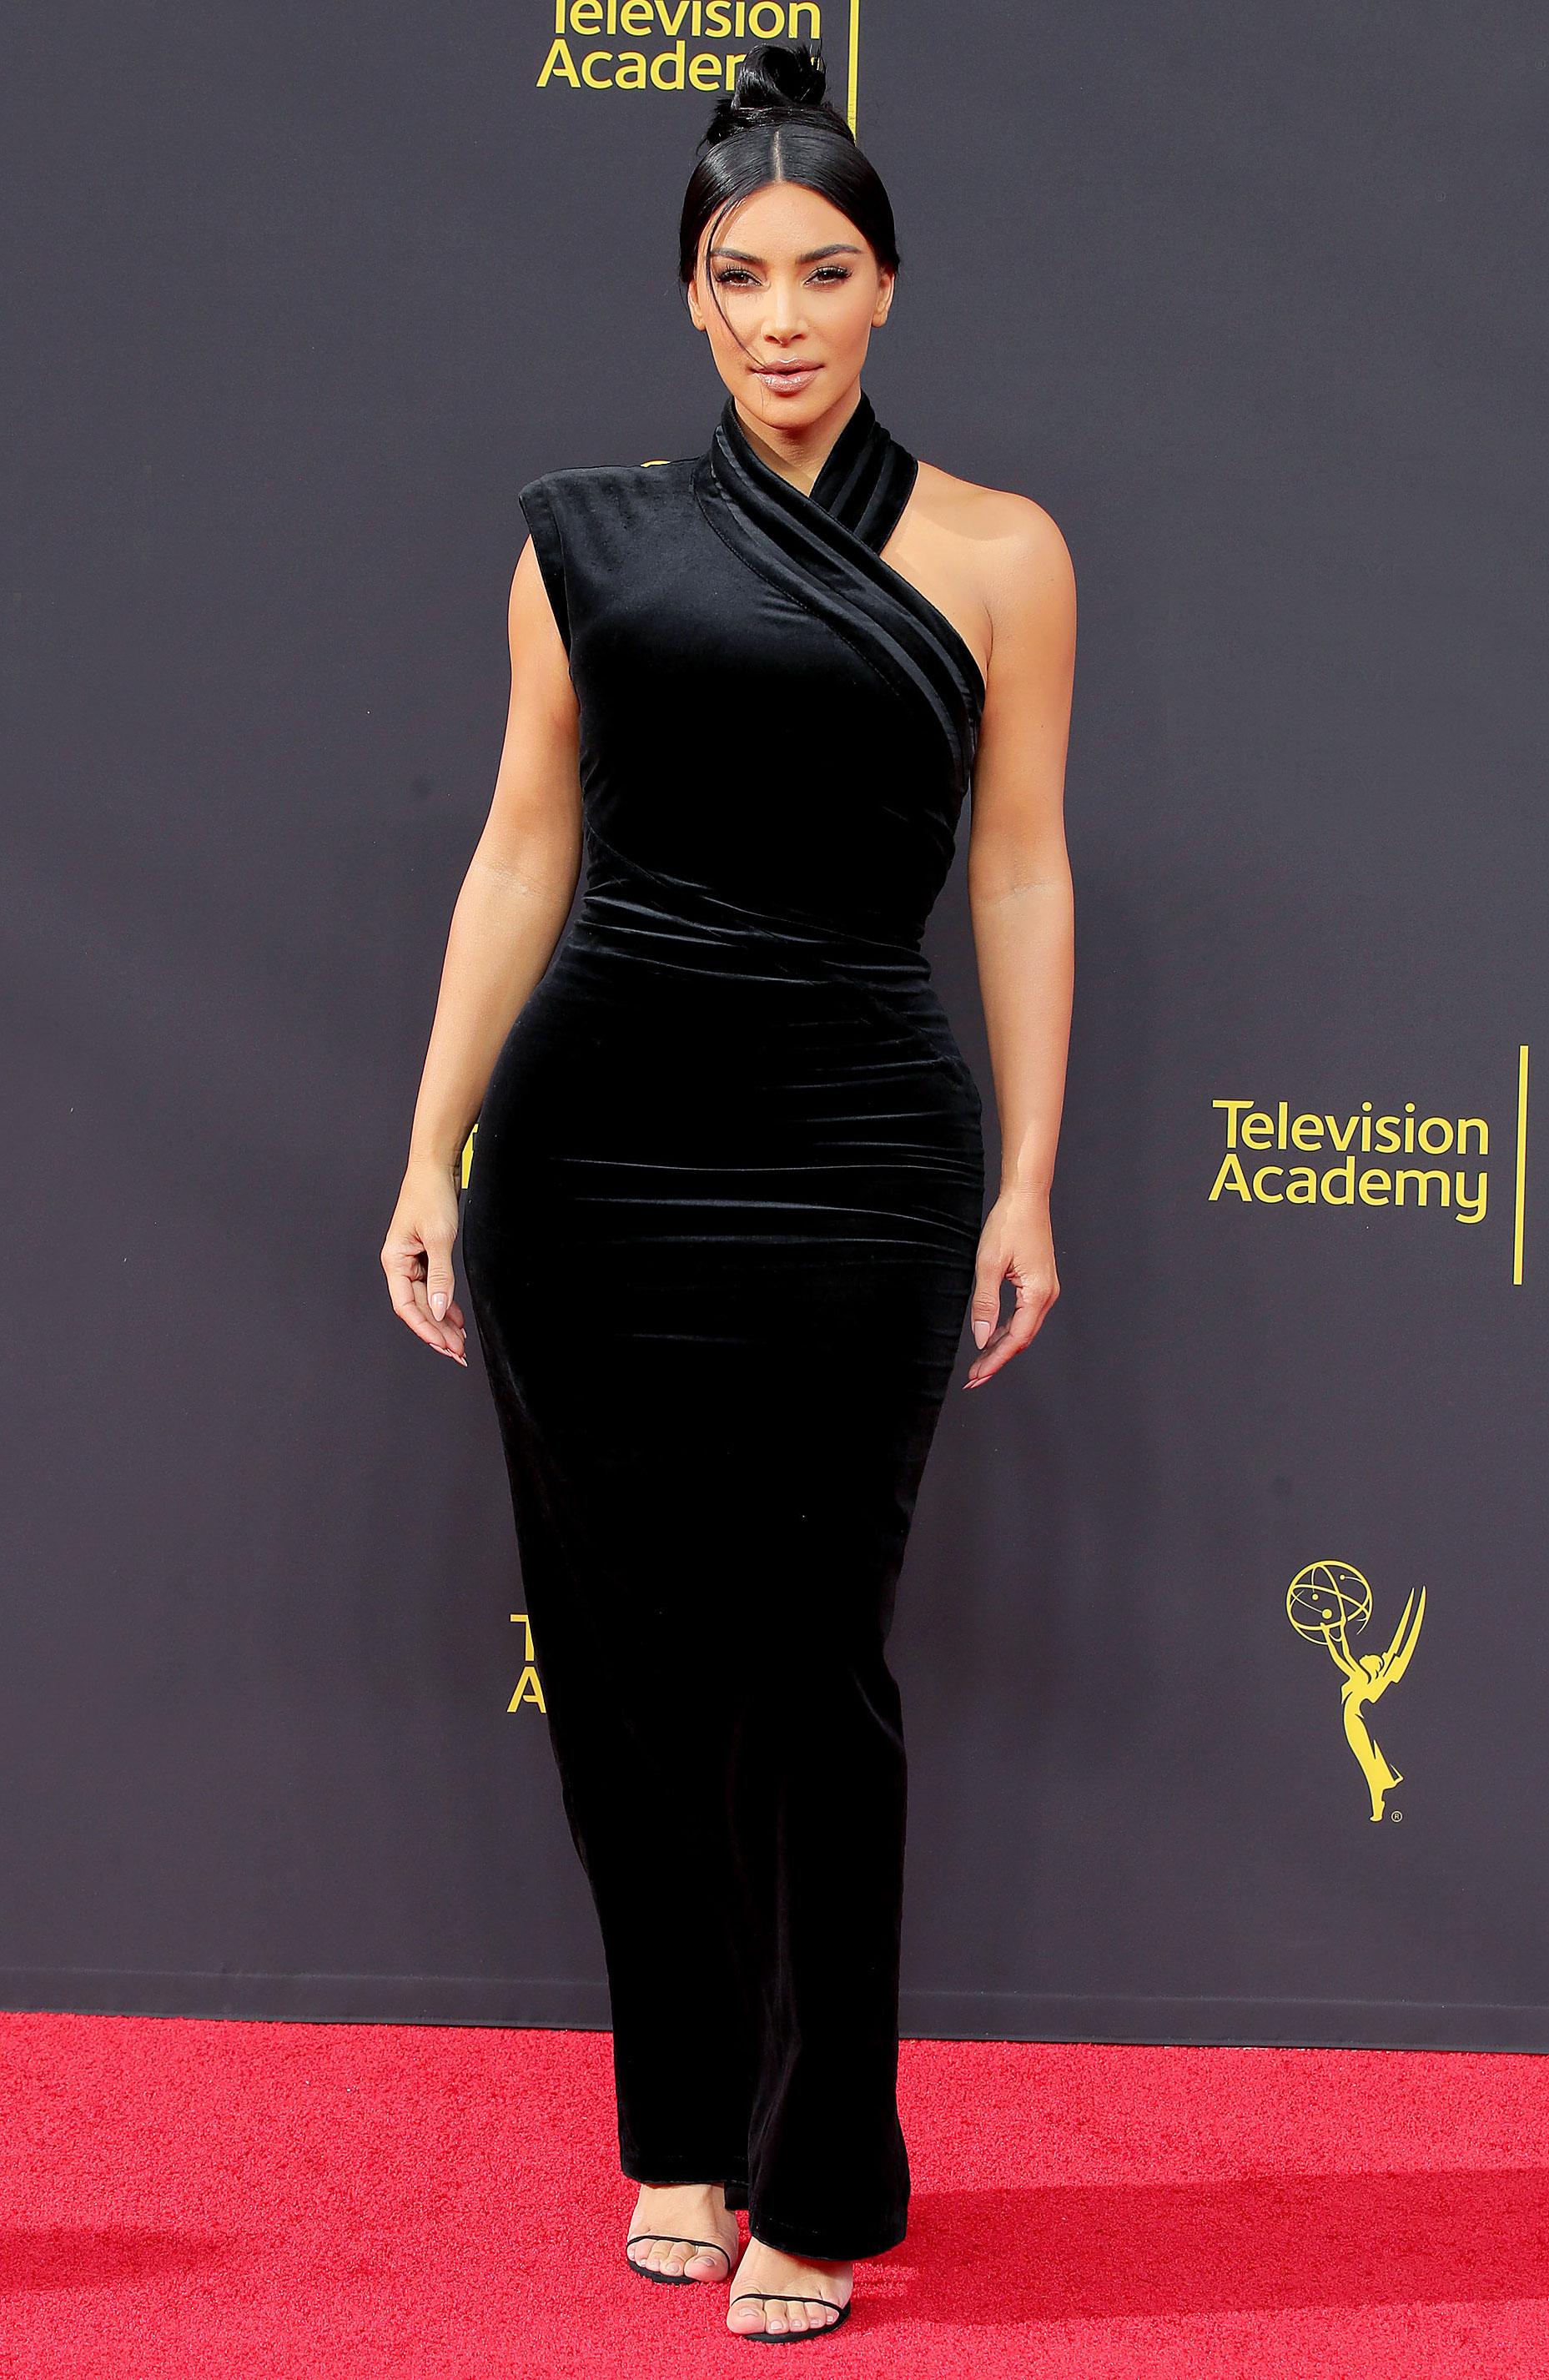 كيم كارداشيان أنيقة في فستان من المخمل الأسود